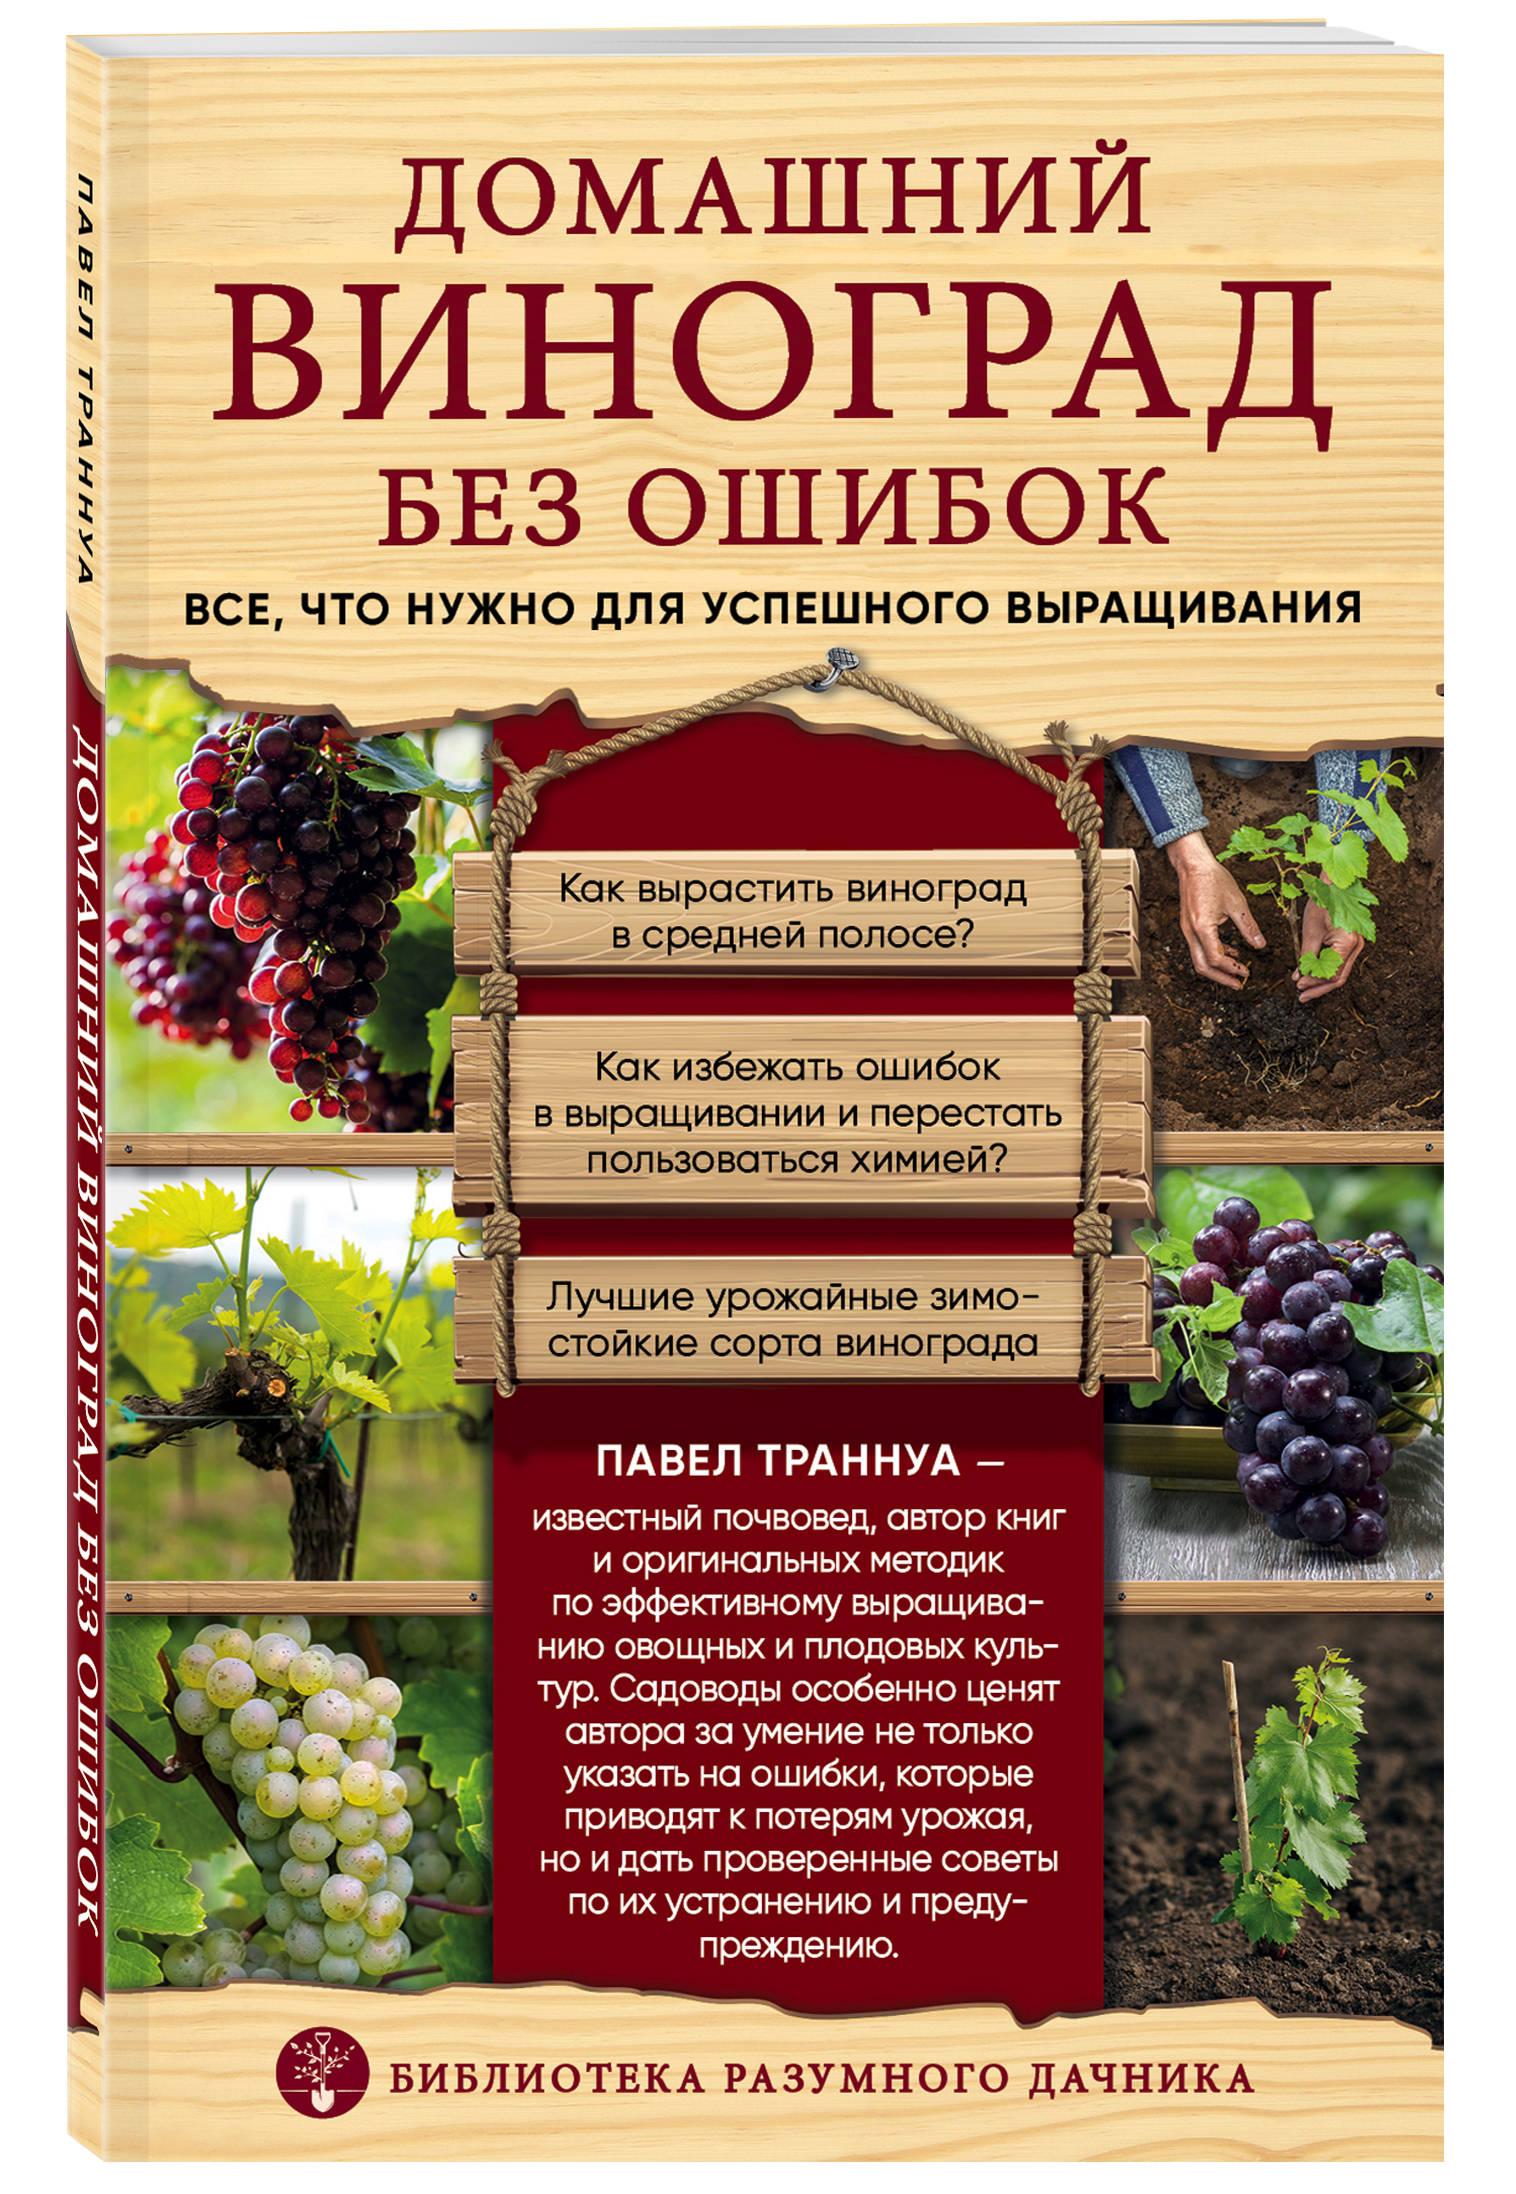 Павел Траннуа Домашний виноград без ошибок. Все, что нужно для успешного выращивания